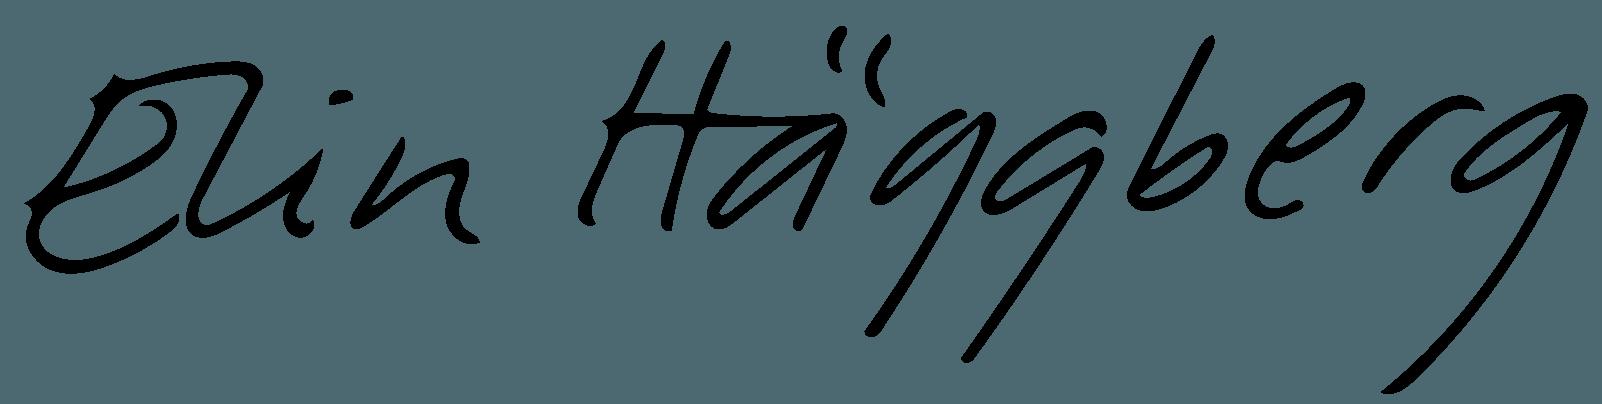 Elin Häggberg – bloggare, föreläsare och influencer inom teknik